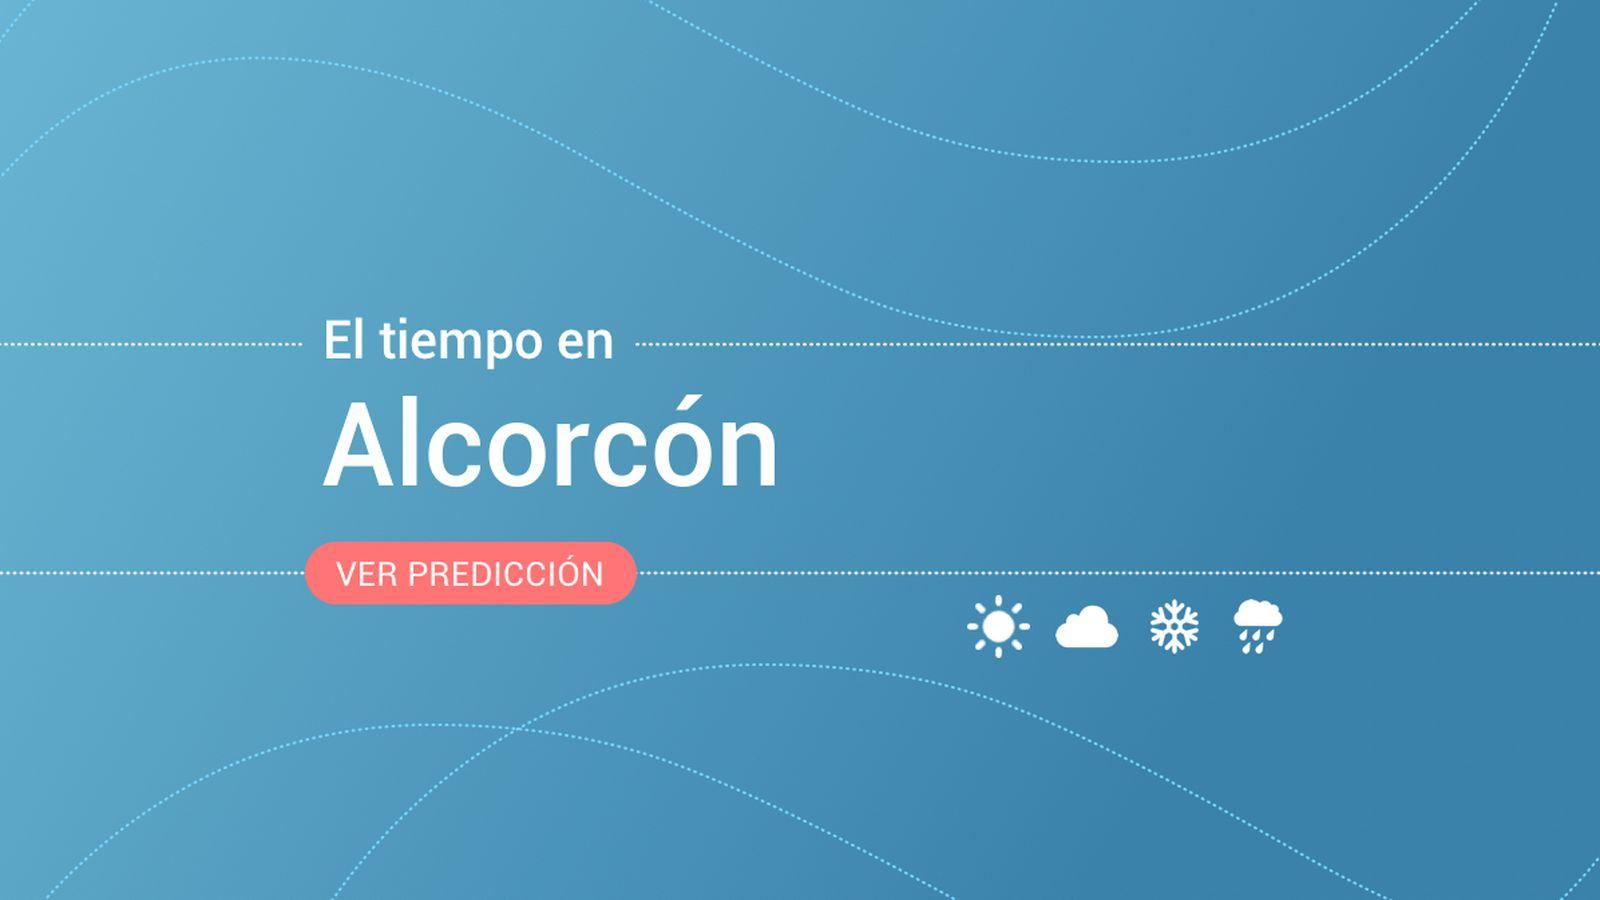 Foto: El tiempo en Alcorcón. (EC)